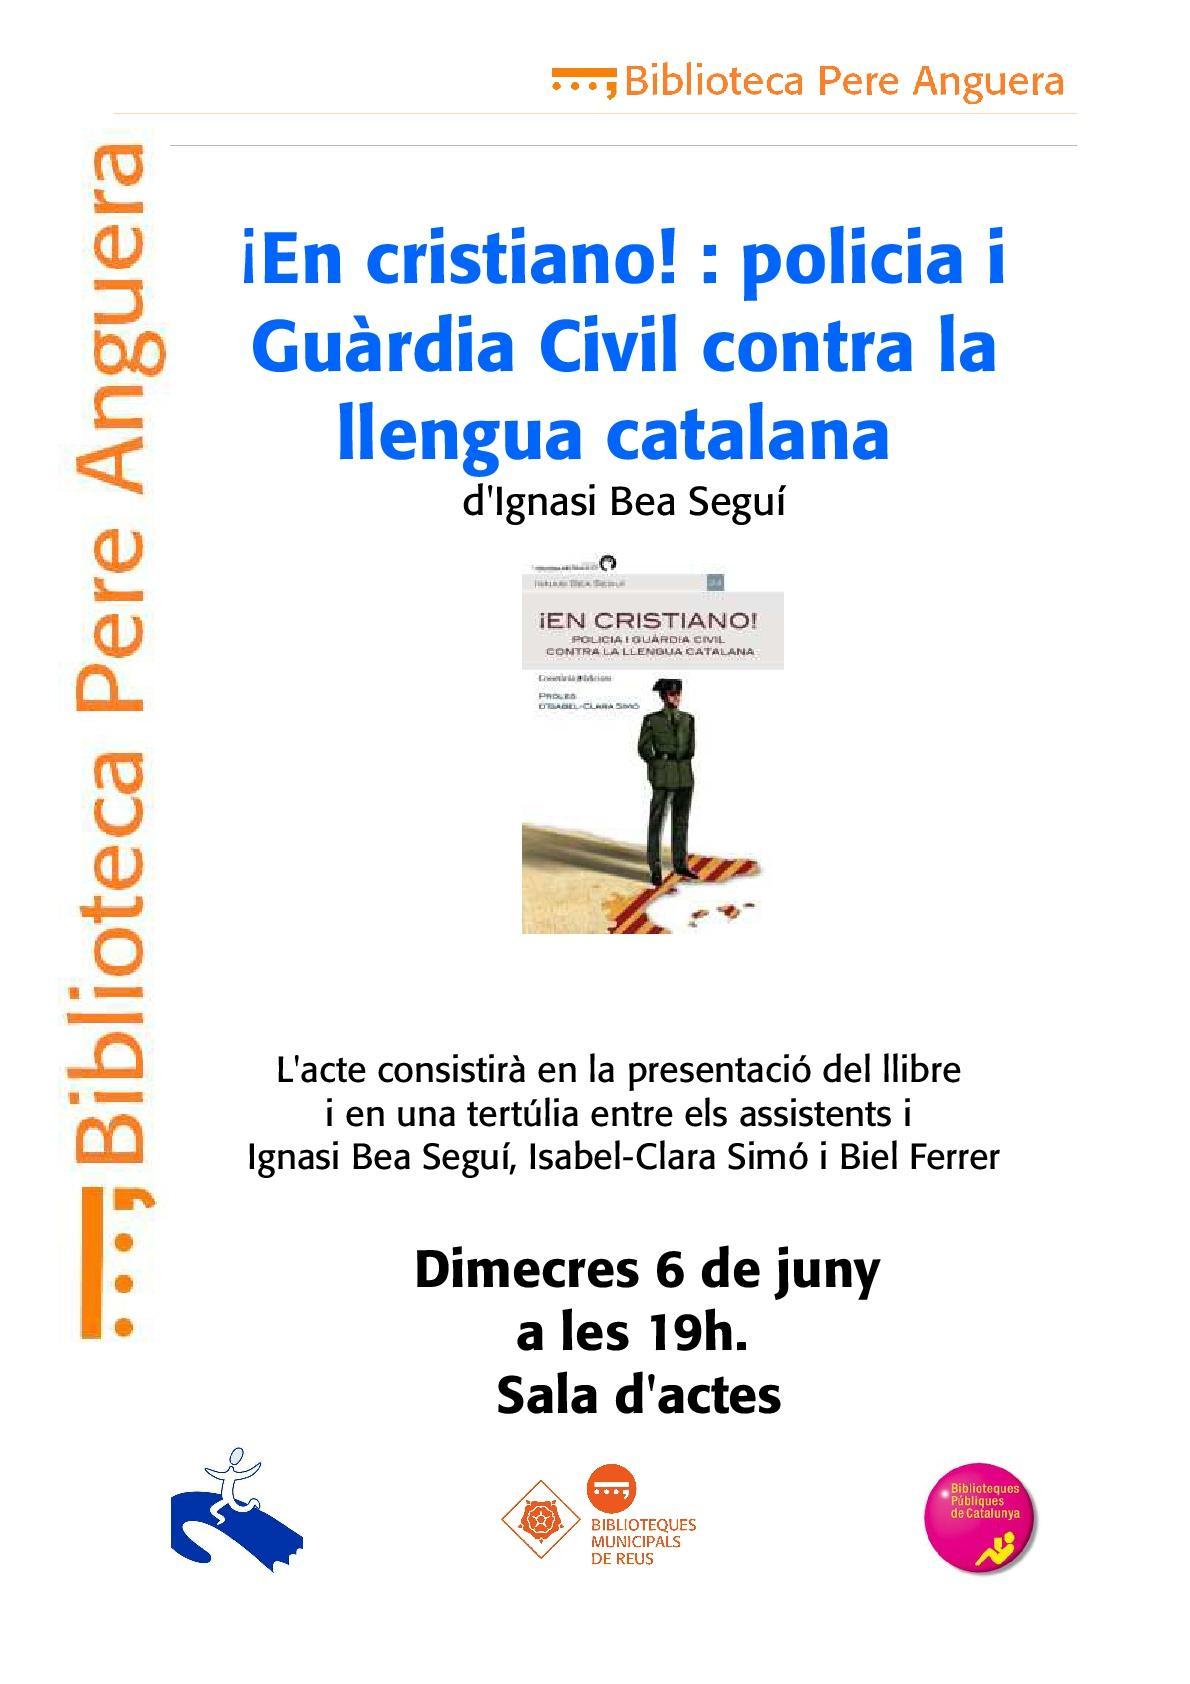 Presentació del llibre  ¡En cristiano! : policia i Guàrdia Civil contra la llengua catalana